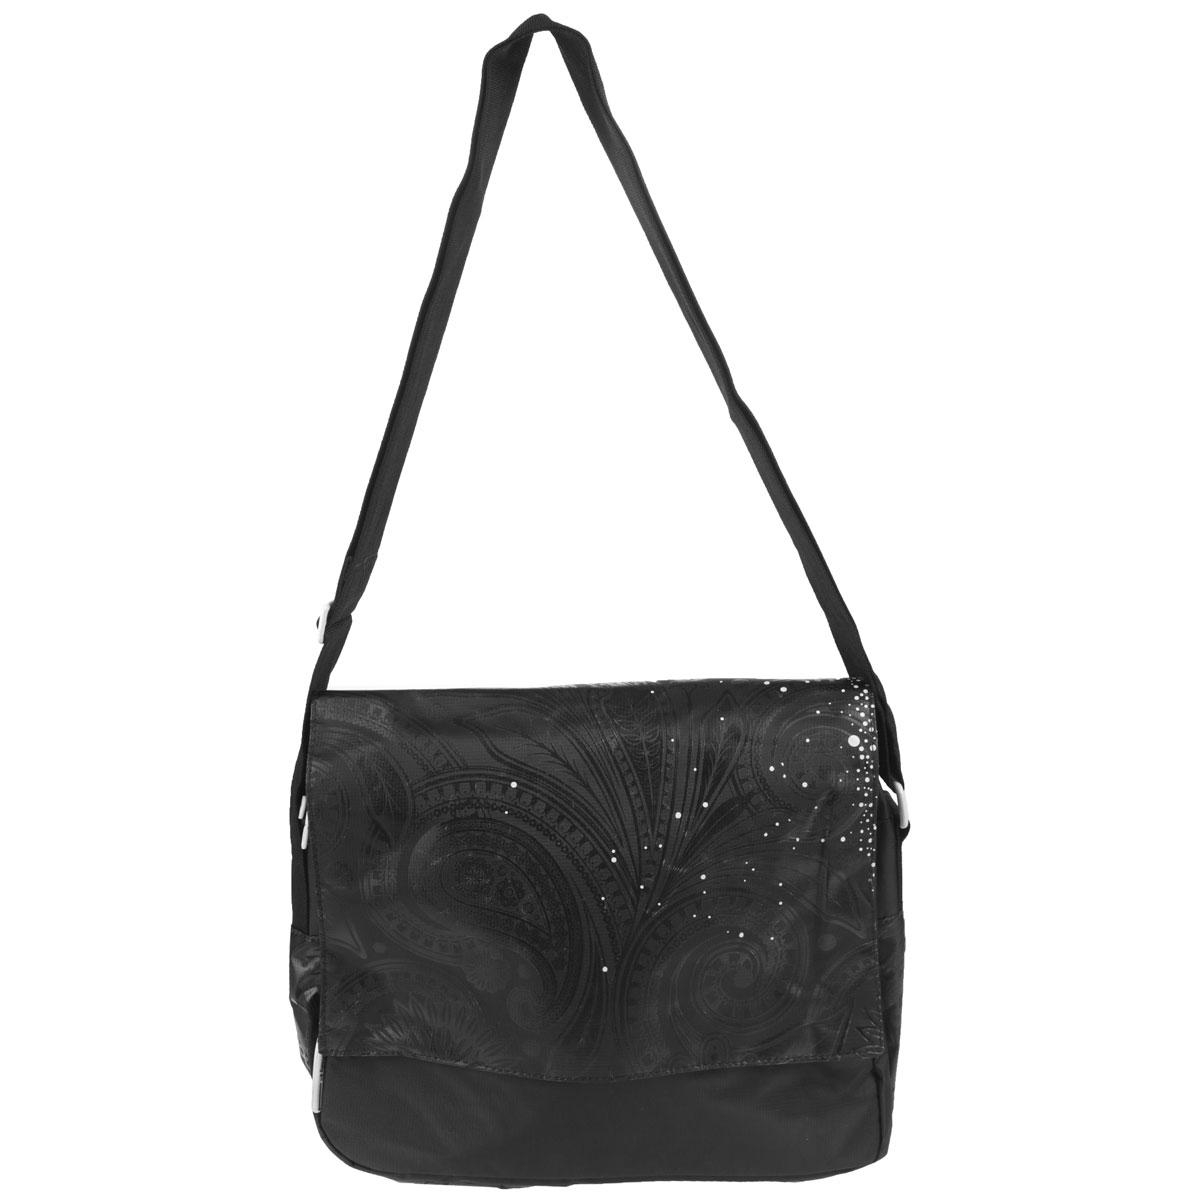 Сумка молодежная Grizzly, цвет: черный. MD-430-237125Молодежная сумка с двумя отделениями, клапаном, плоскими карманами на передней и задней стенках, внутренним карманом, с регулируемым плечевым ремнем